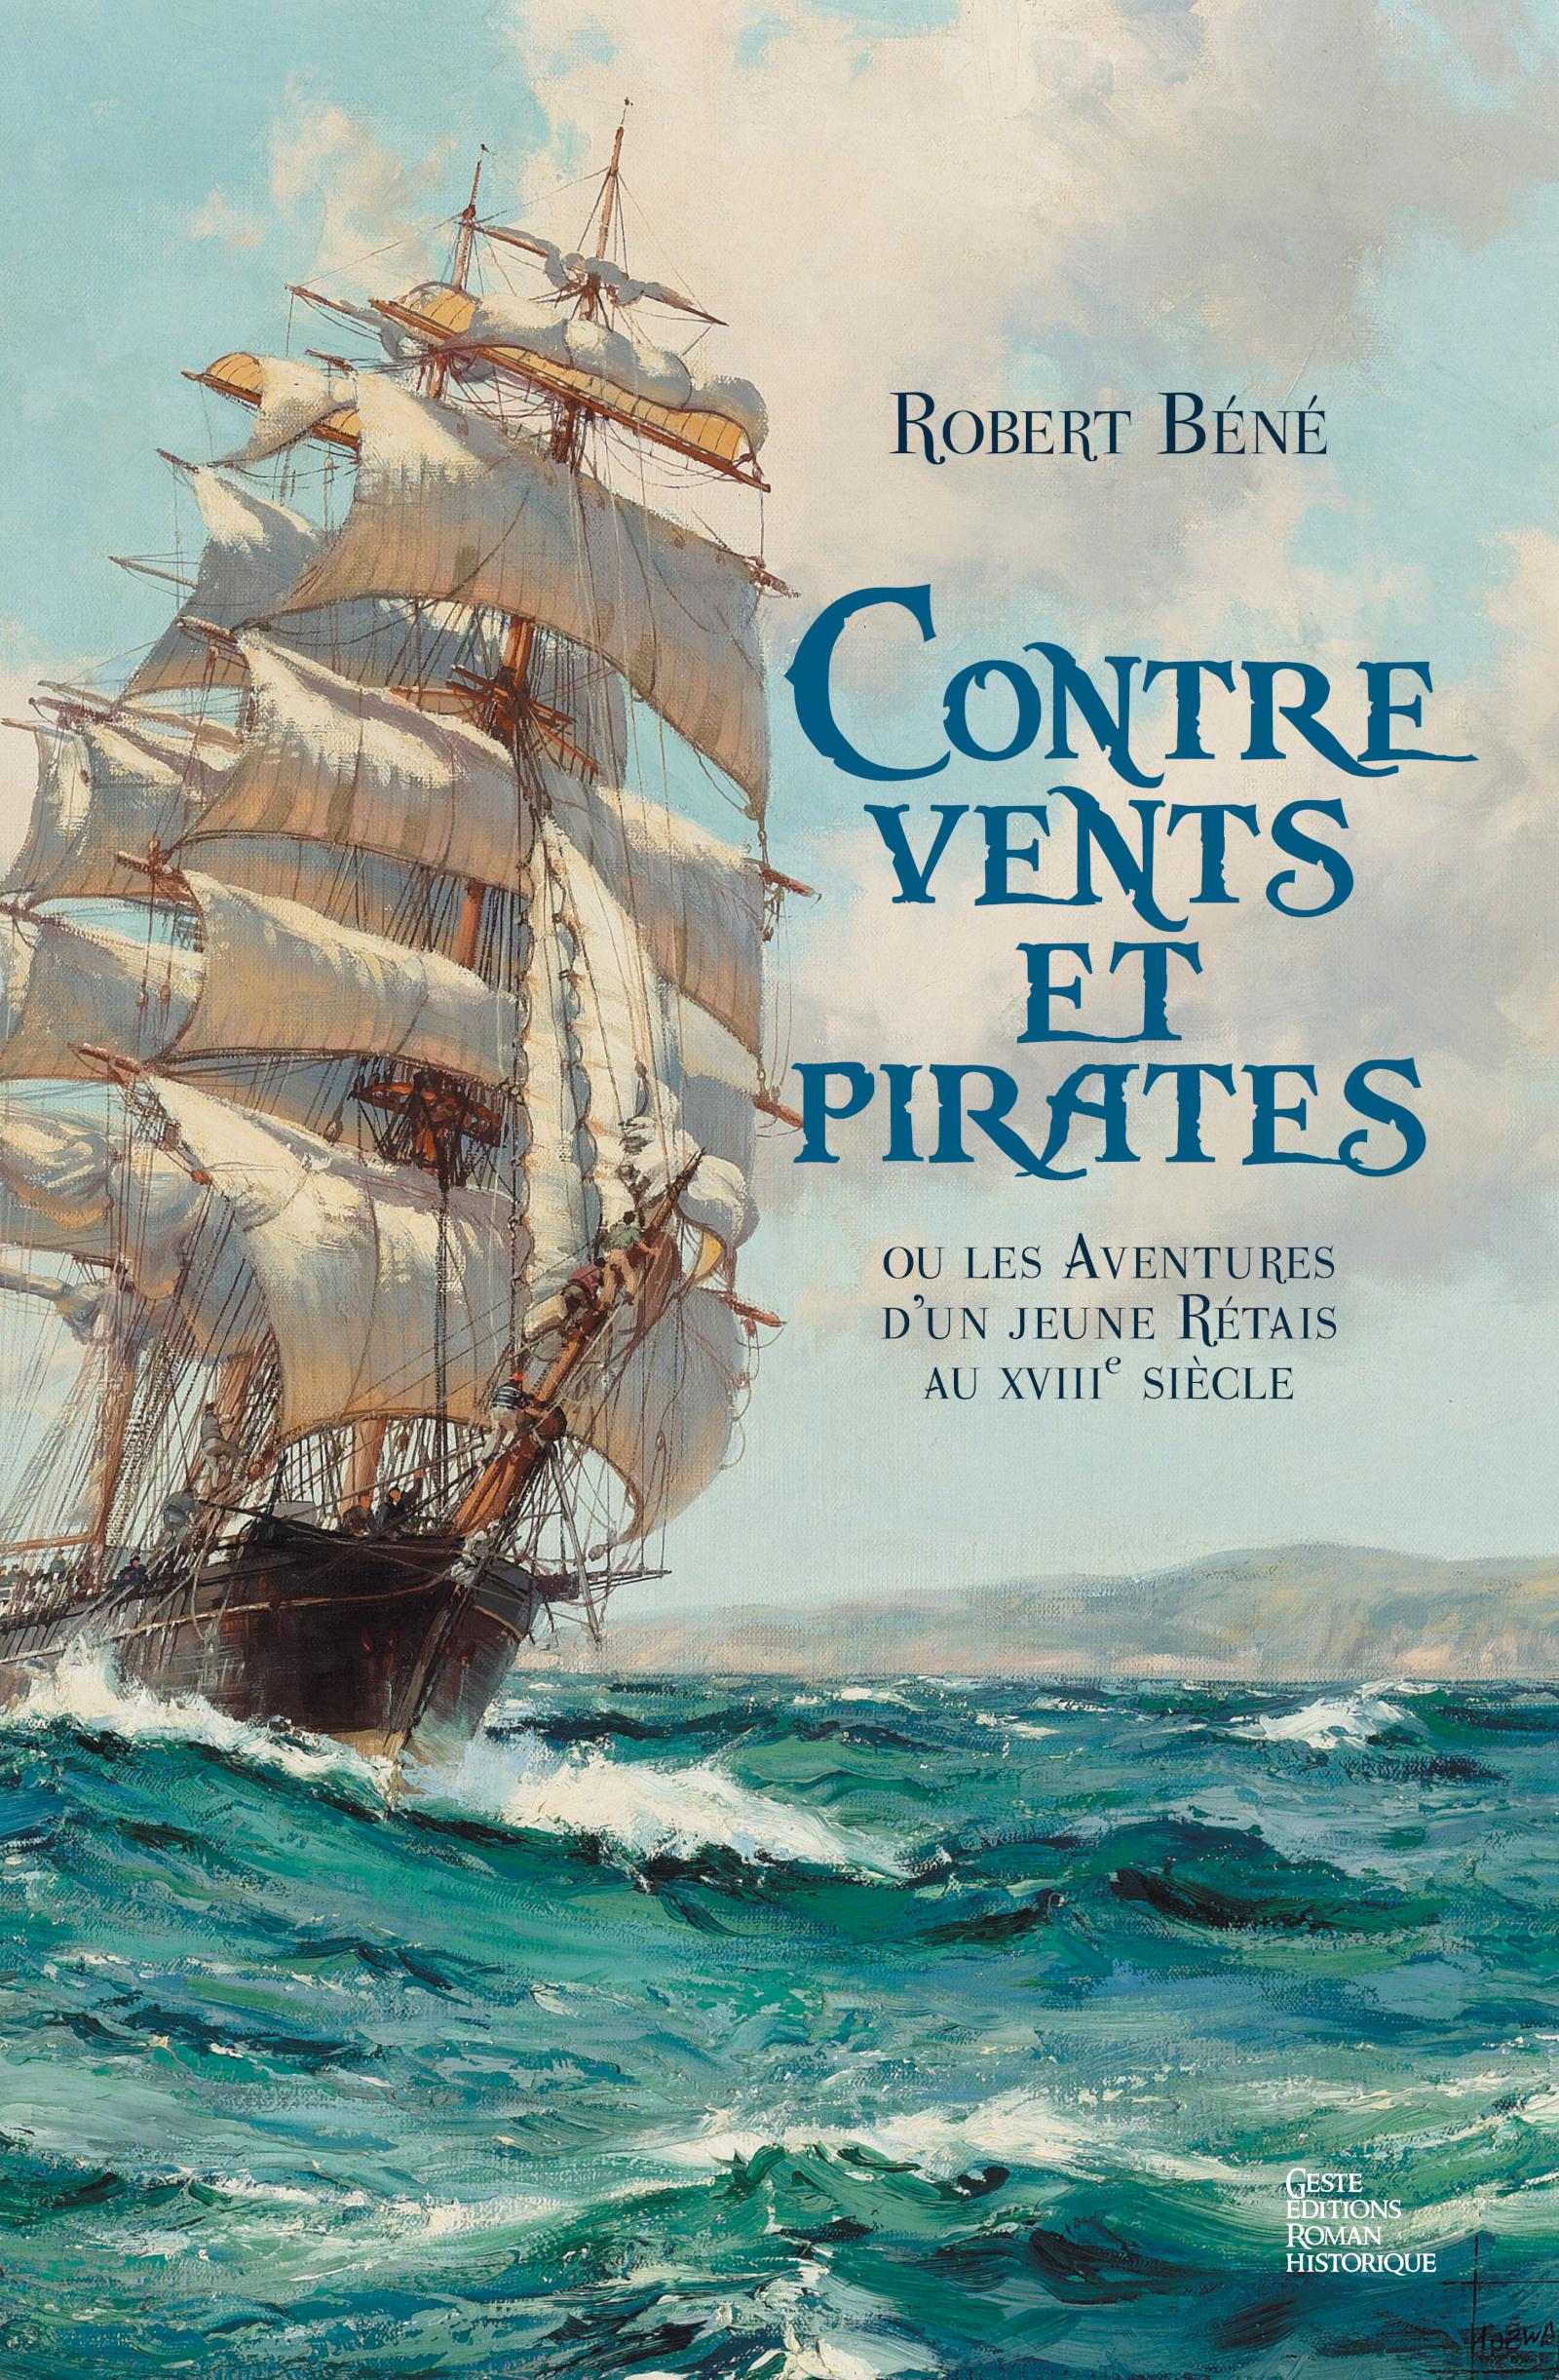 Contre vents et pirates